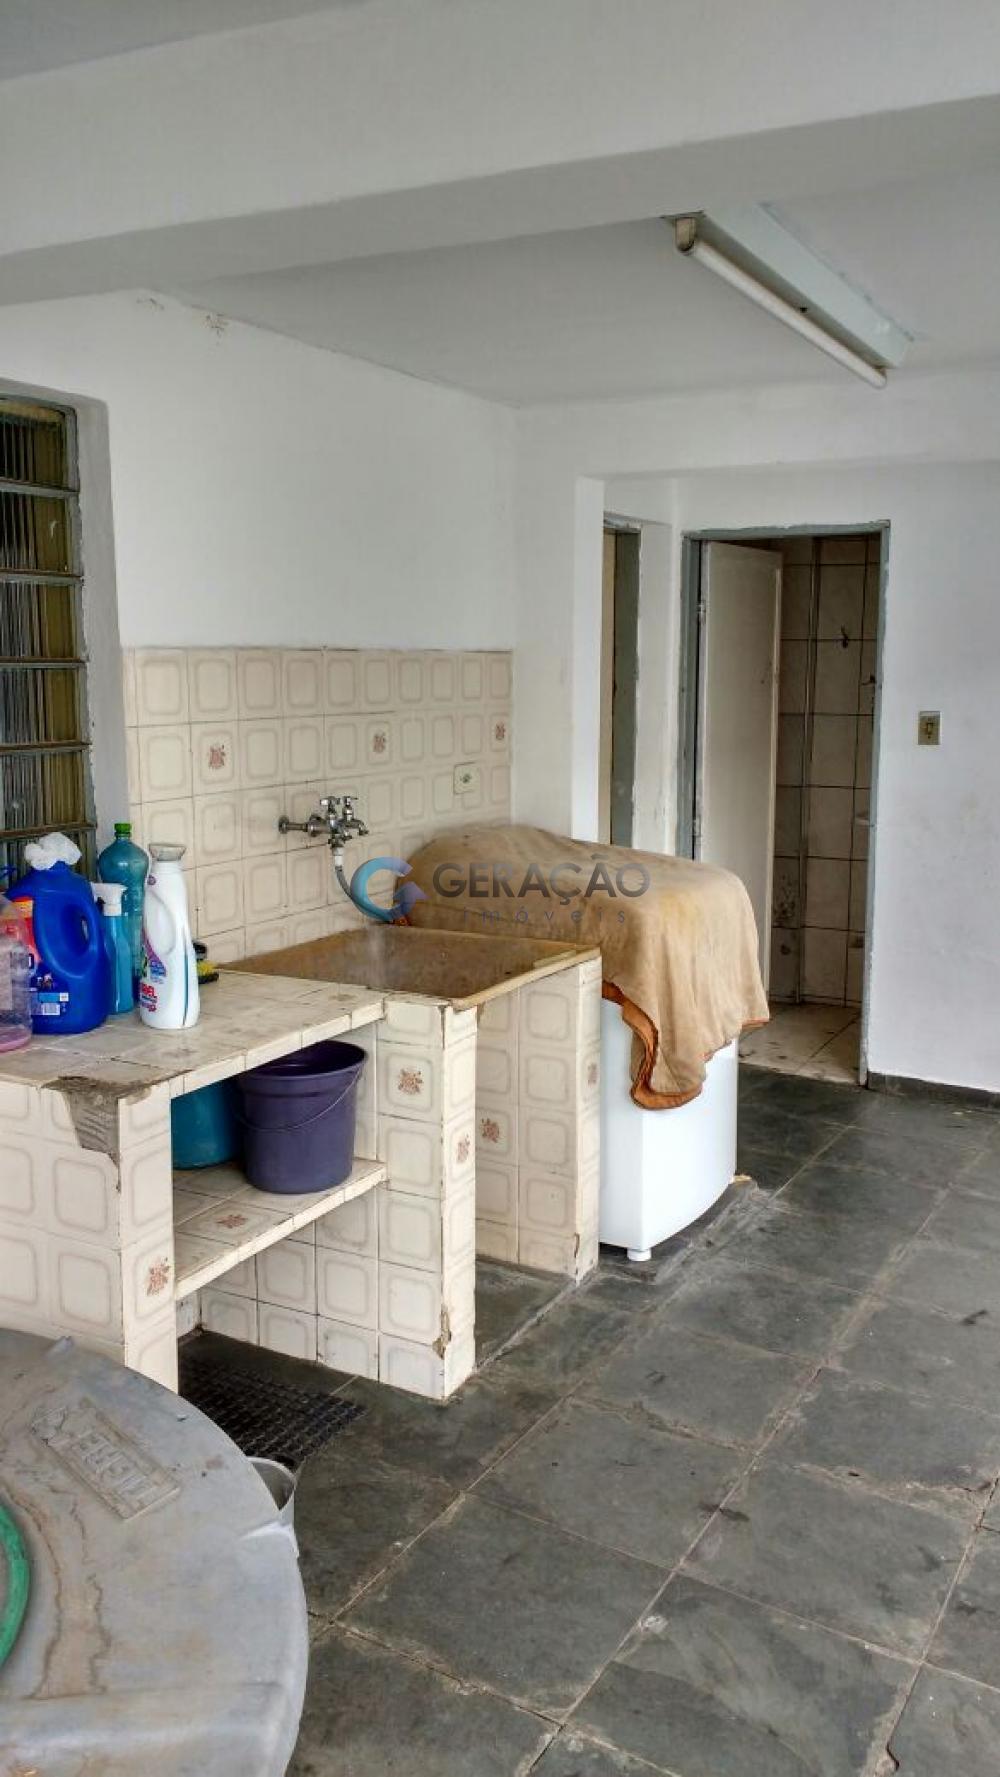 Comprar Casa / Padrão em São José dos Campos apenas R$ 550.000,00 - Foto 11